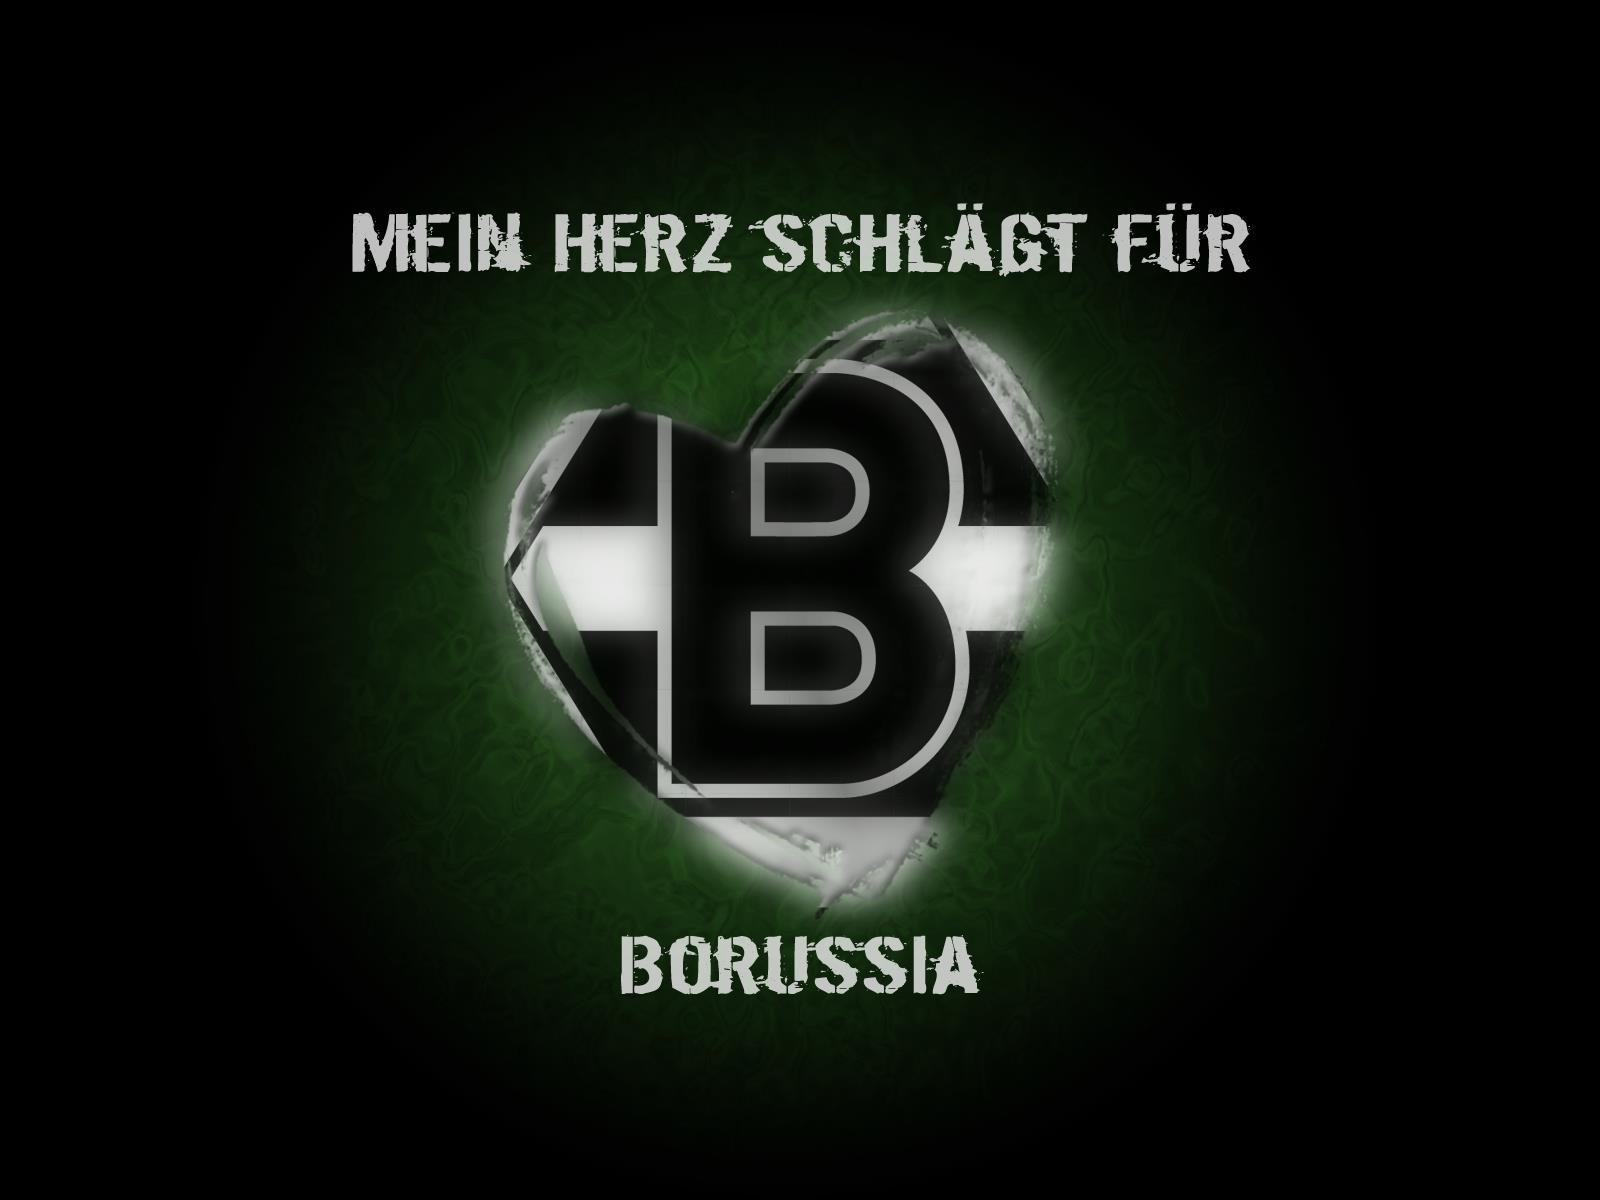 vfl borussia vfl borussia